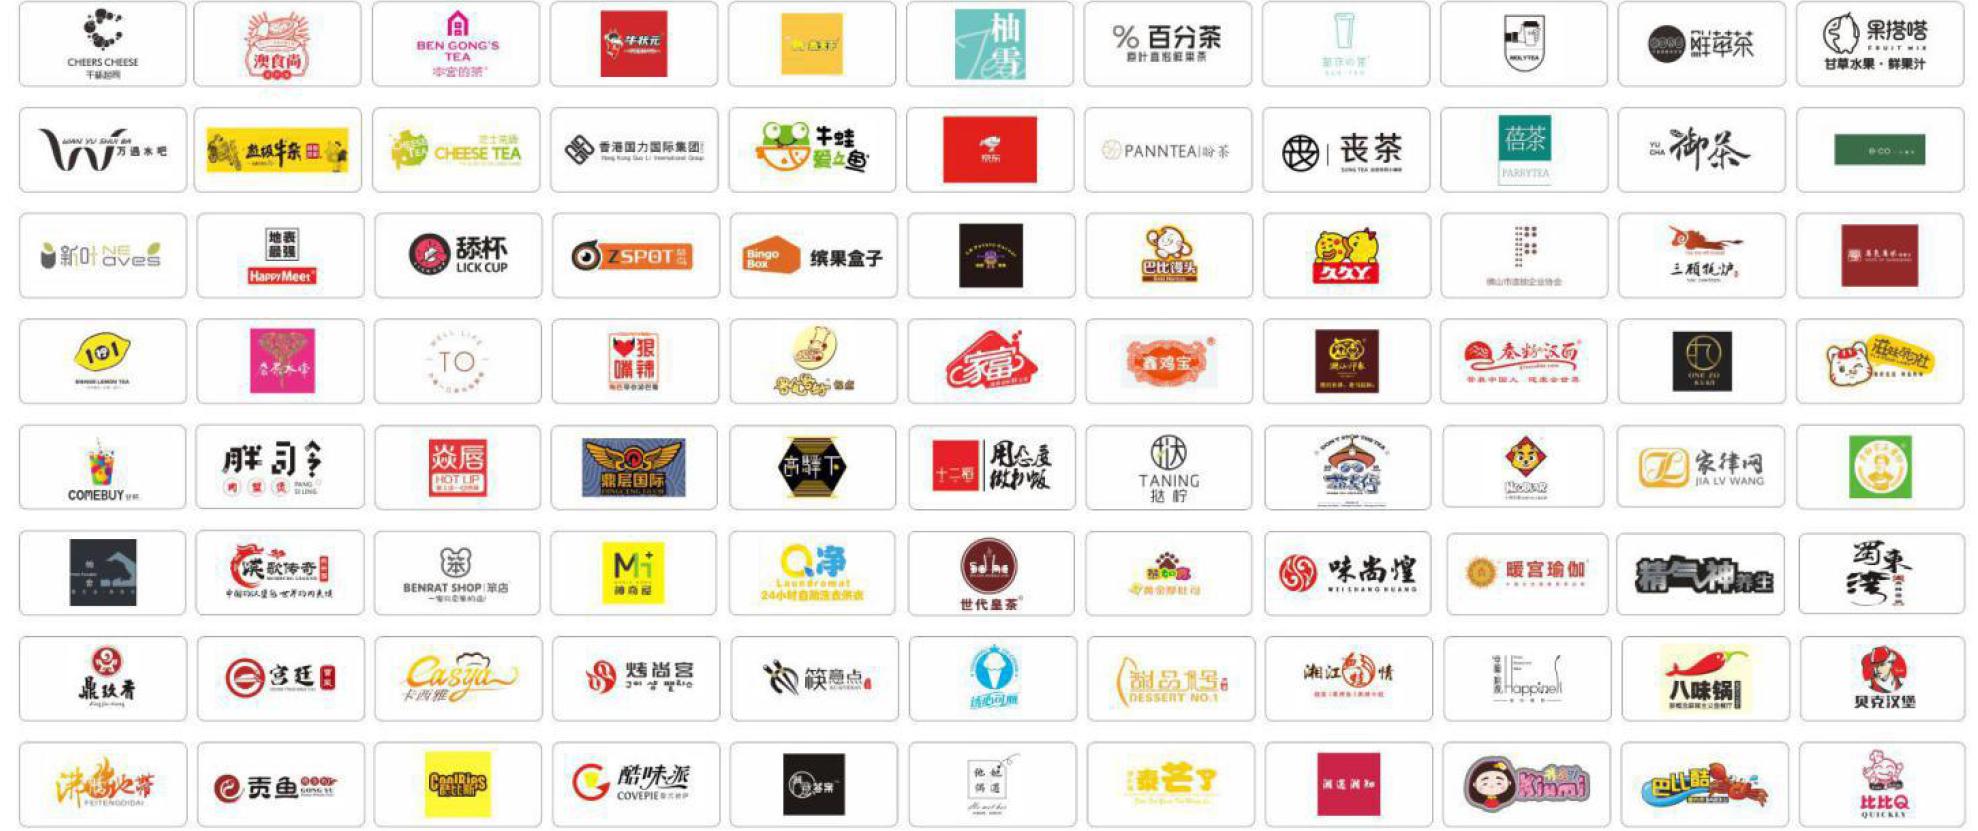 廣州特許加盟展-廣州連鎖加盟展-廣州加盟展參展品牌